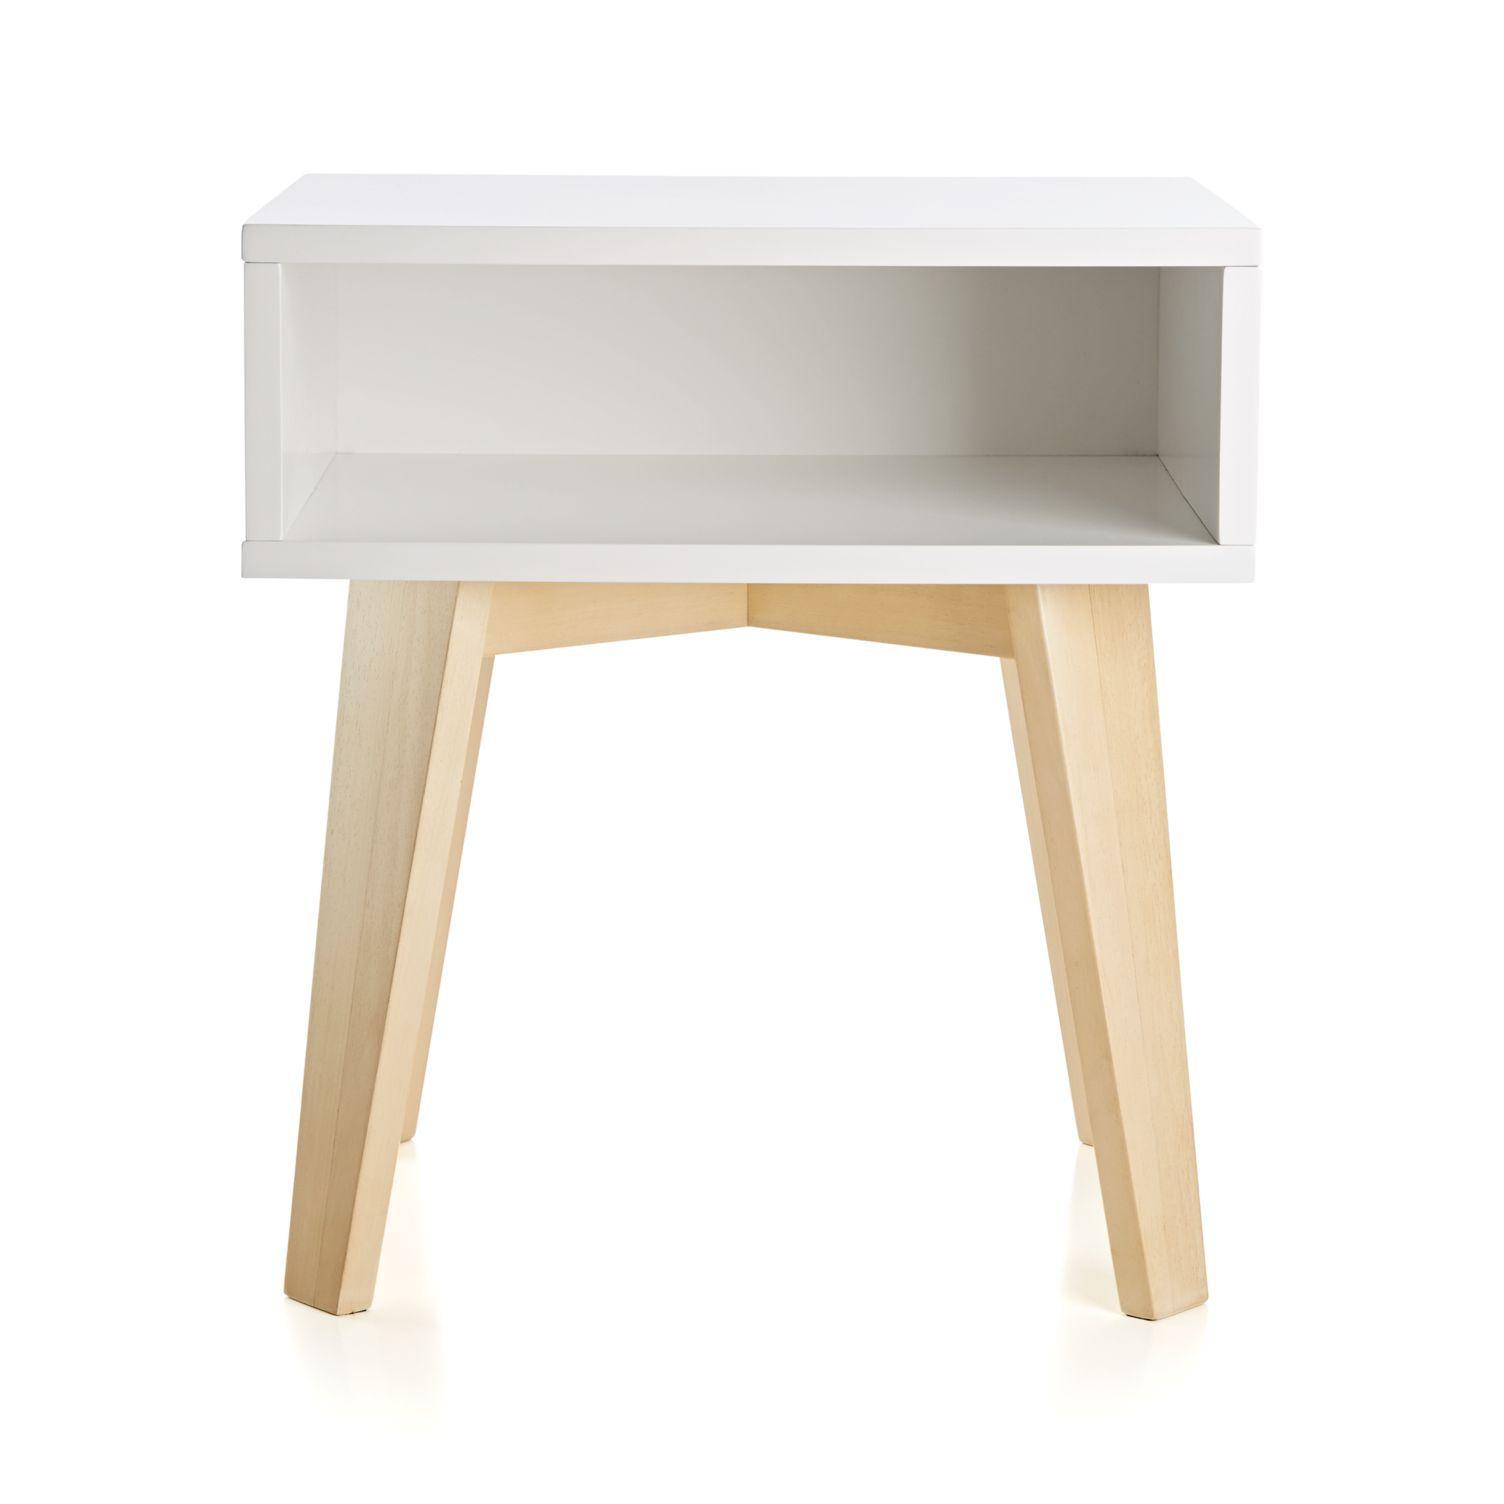 Mesa auxiliar simple blanca y natural